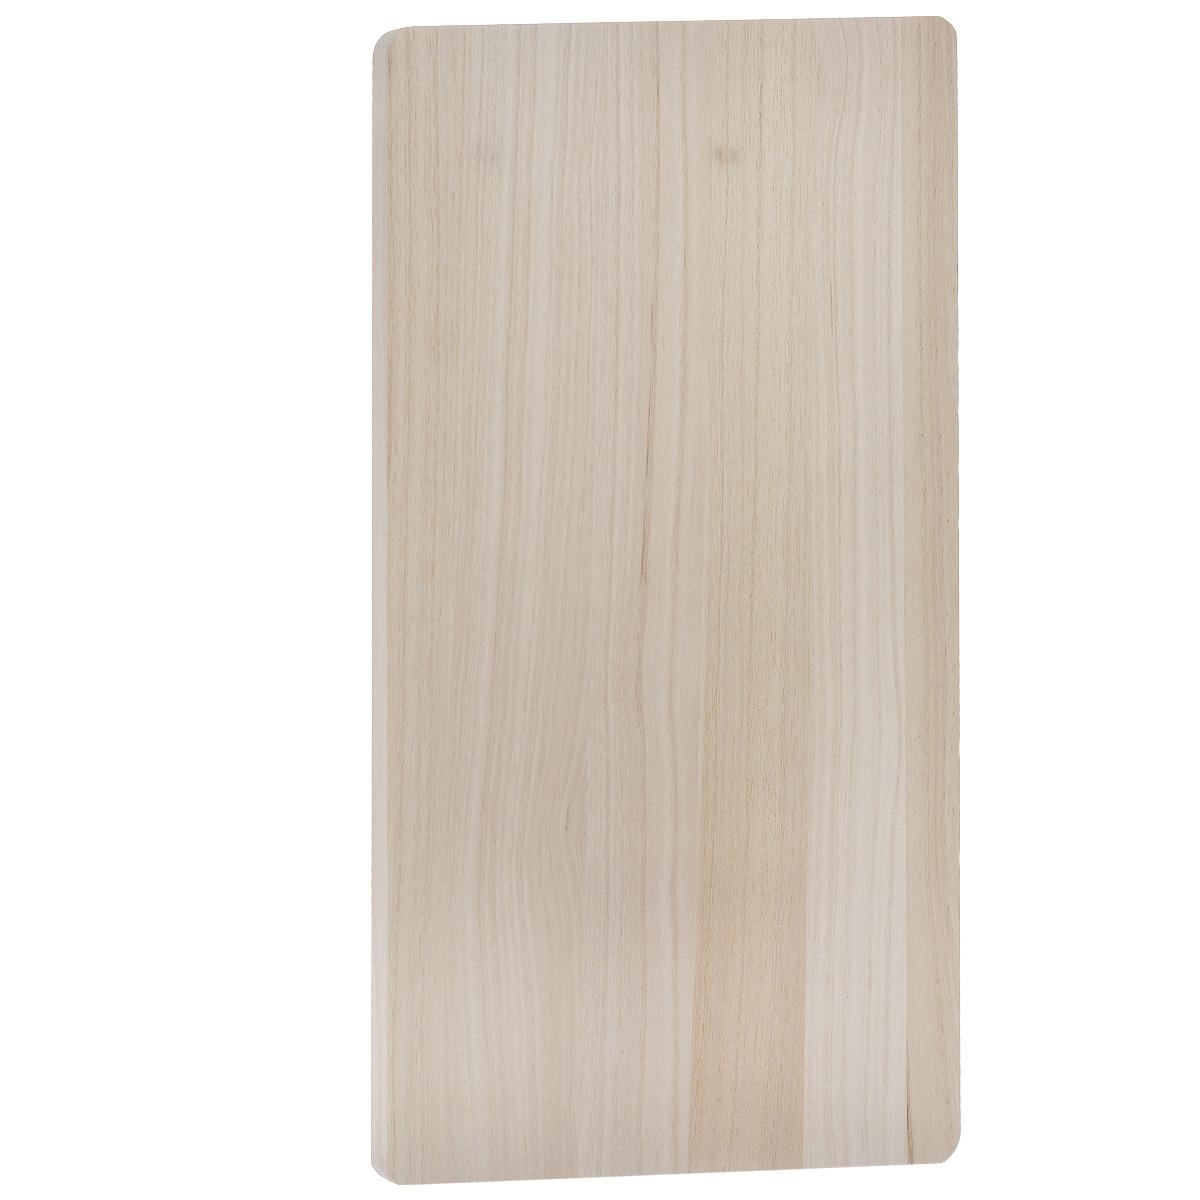 Доска разделочная Hatamoto, 53 см х 29,5 см. H-34754 009312Разделочная доска Hatamoto выполнена из адамова дерева (павловнии) - невероятно прочного и легкого материала. Такая доска обладает высокими антибактериальными и гигиеническими свойствами, легко моется и быстро сохнет.